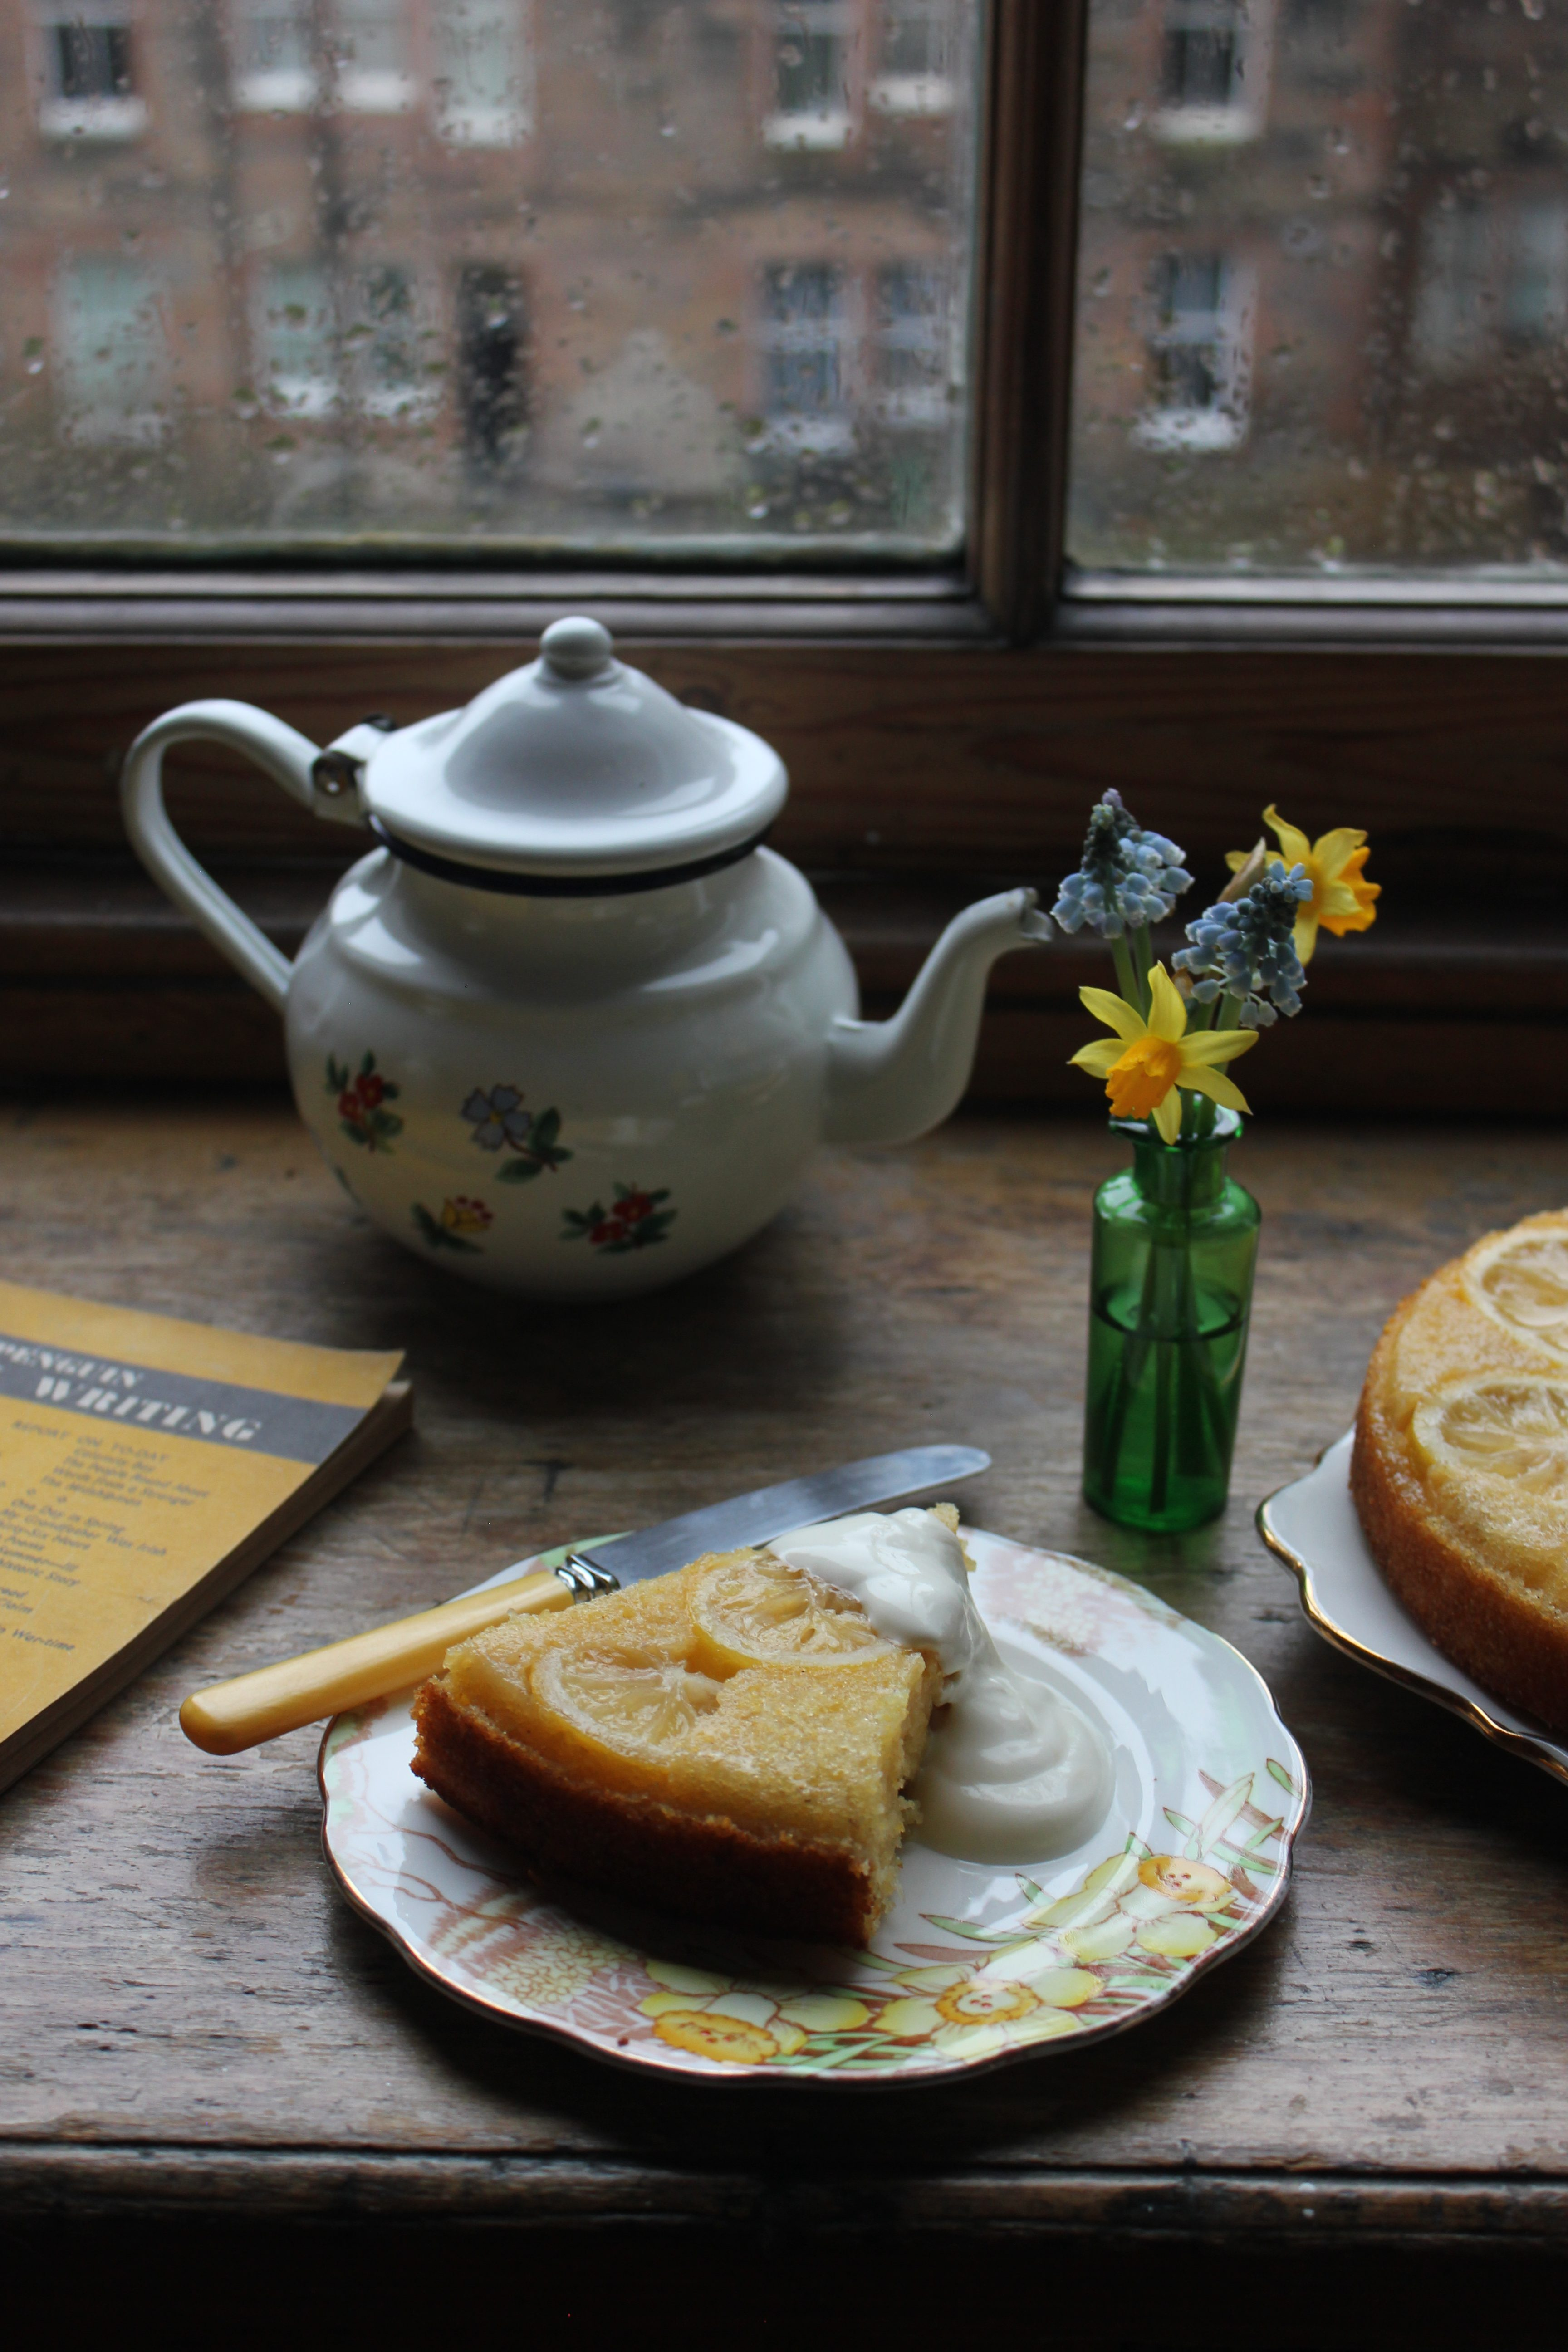 Lemon and cardamom upside down cake